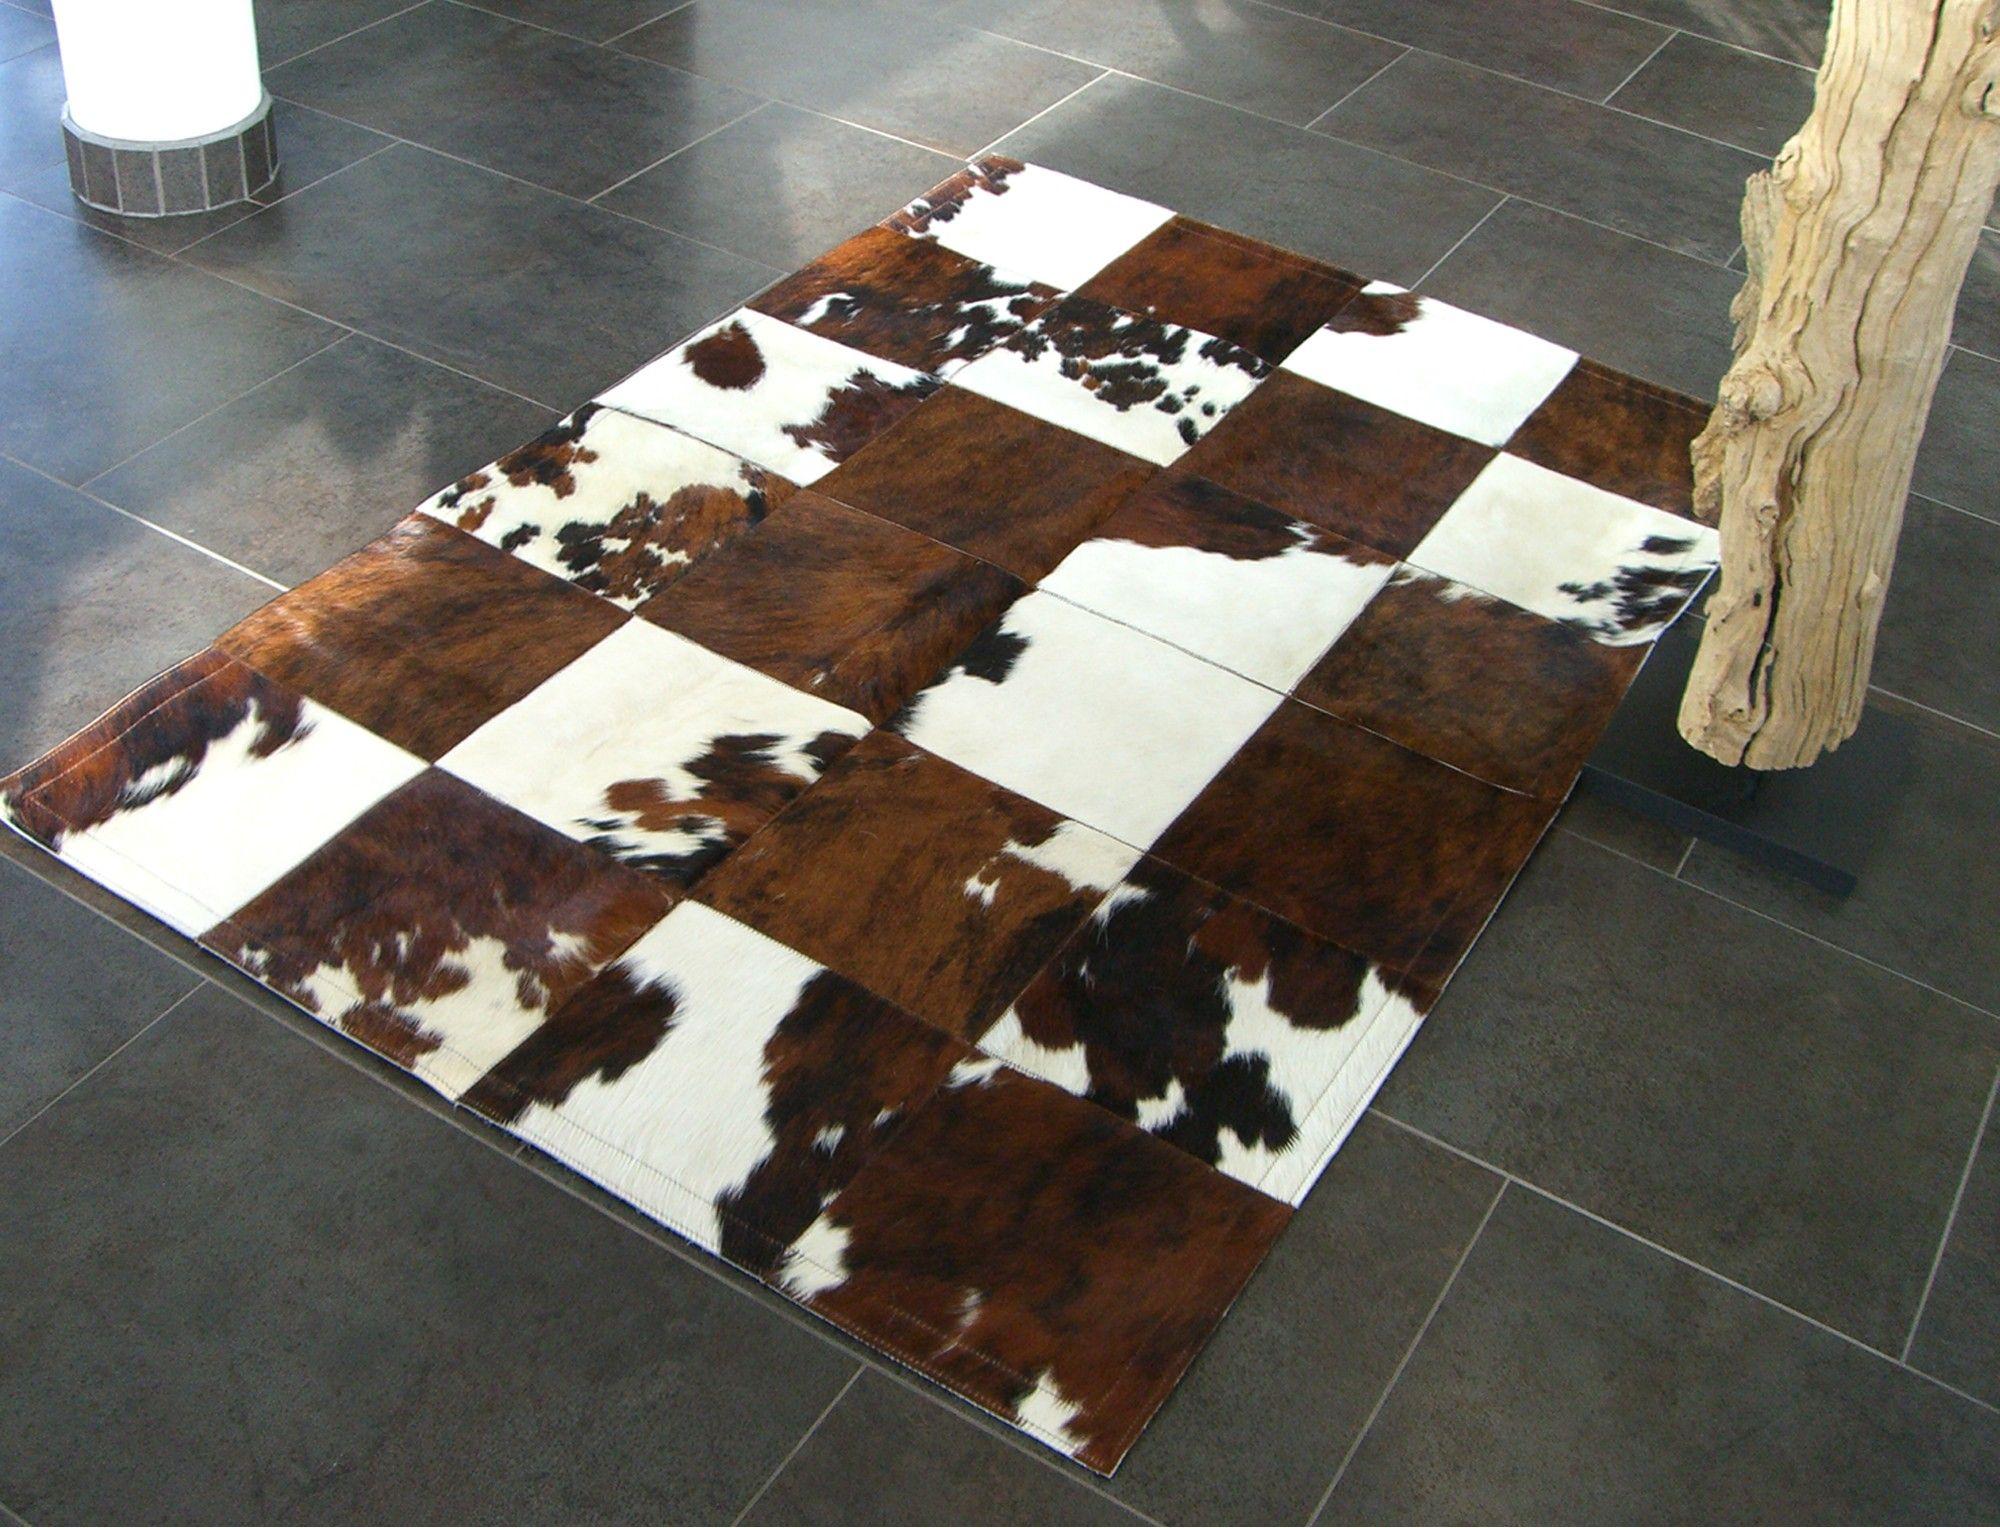 tapis patchwork en peau de vache normande design pinterest tapis patchwork peau de vache. Black Bedroom Furniture Sets. Home Design Ideas